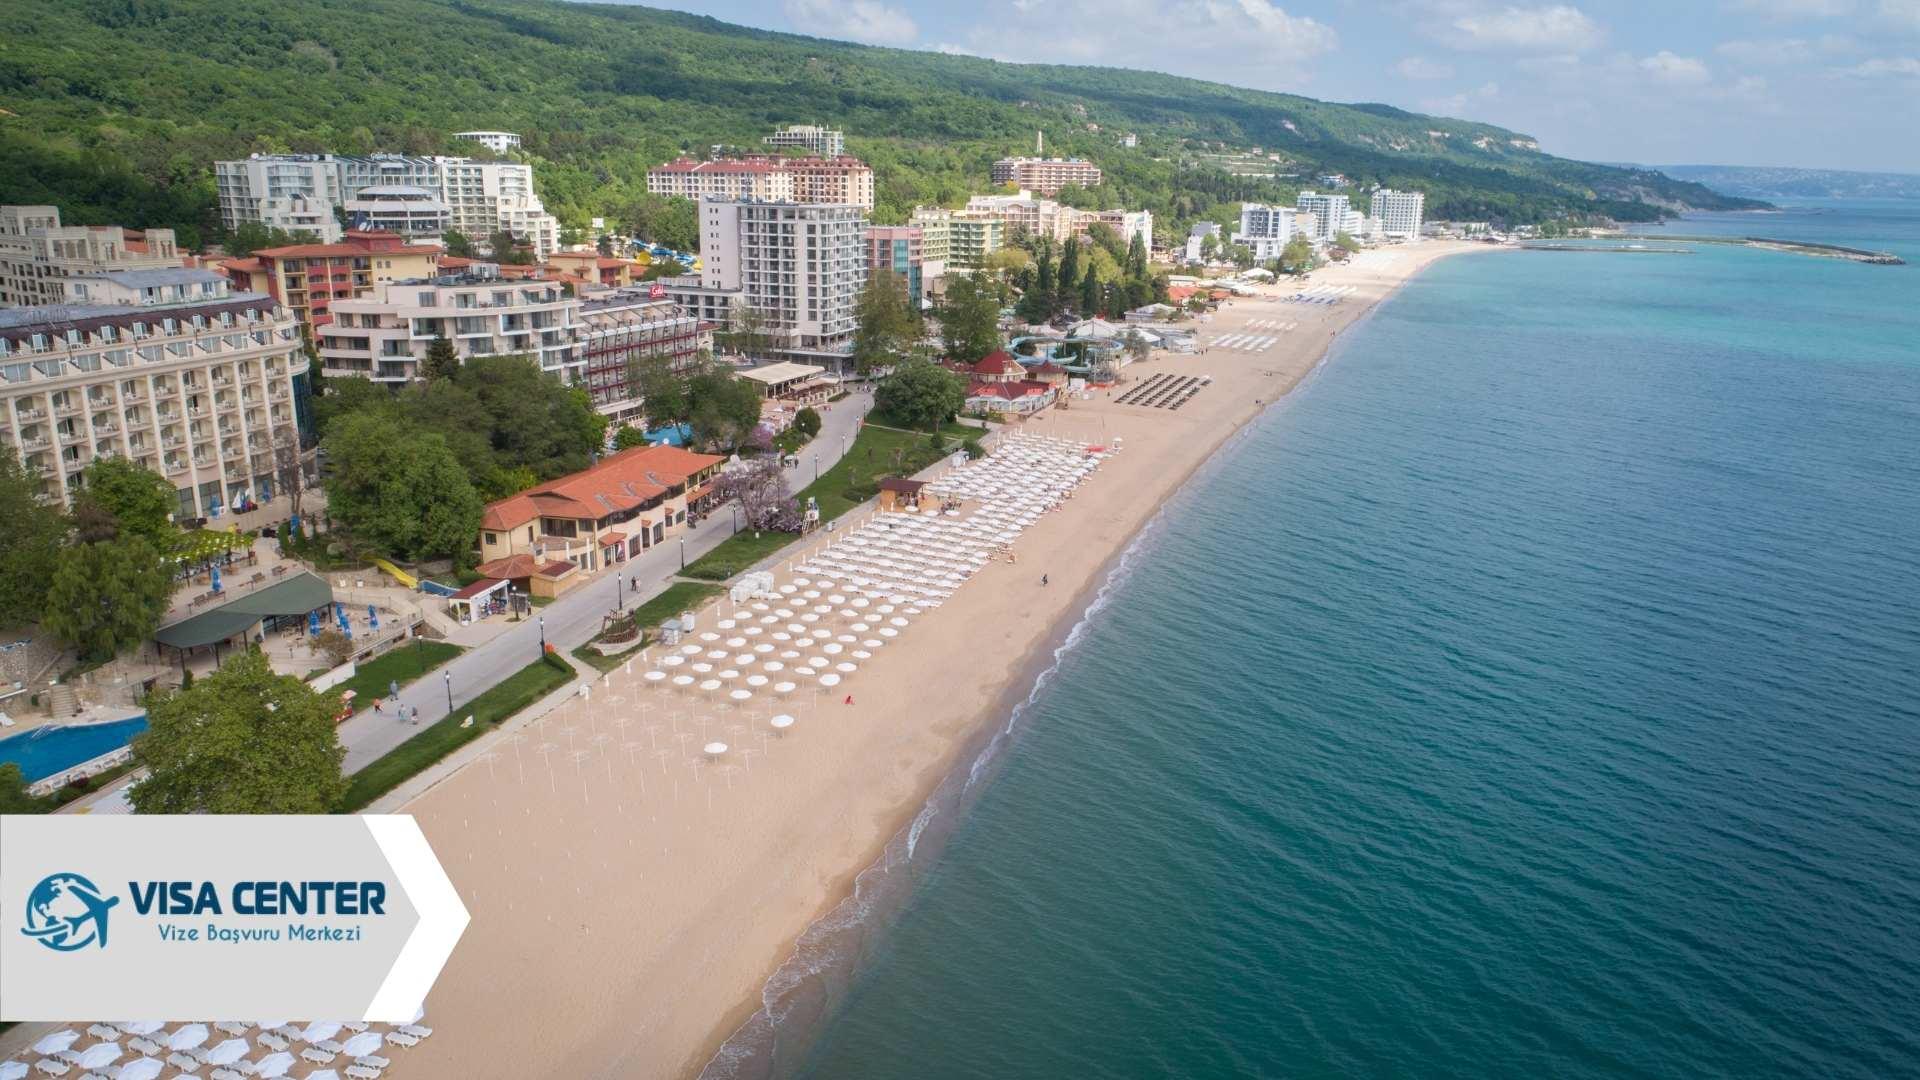 Bulgaristan'a Vizesiz Gidilir Mi